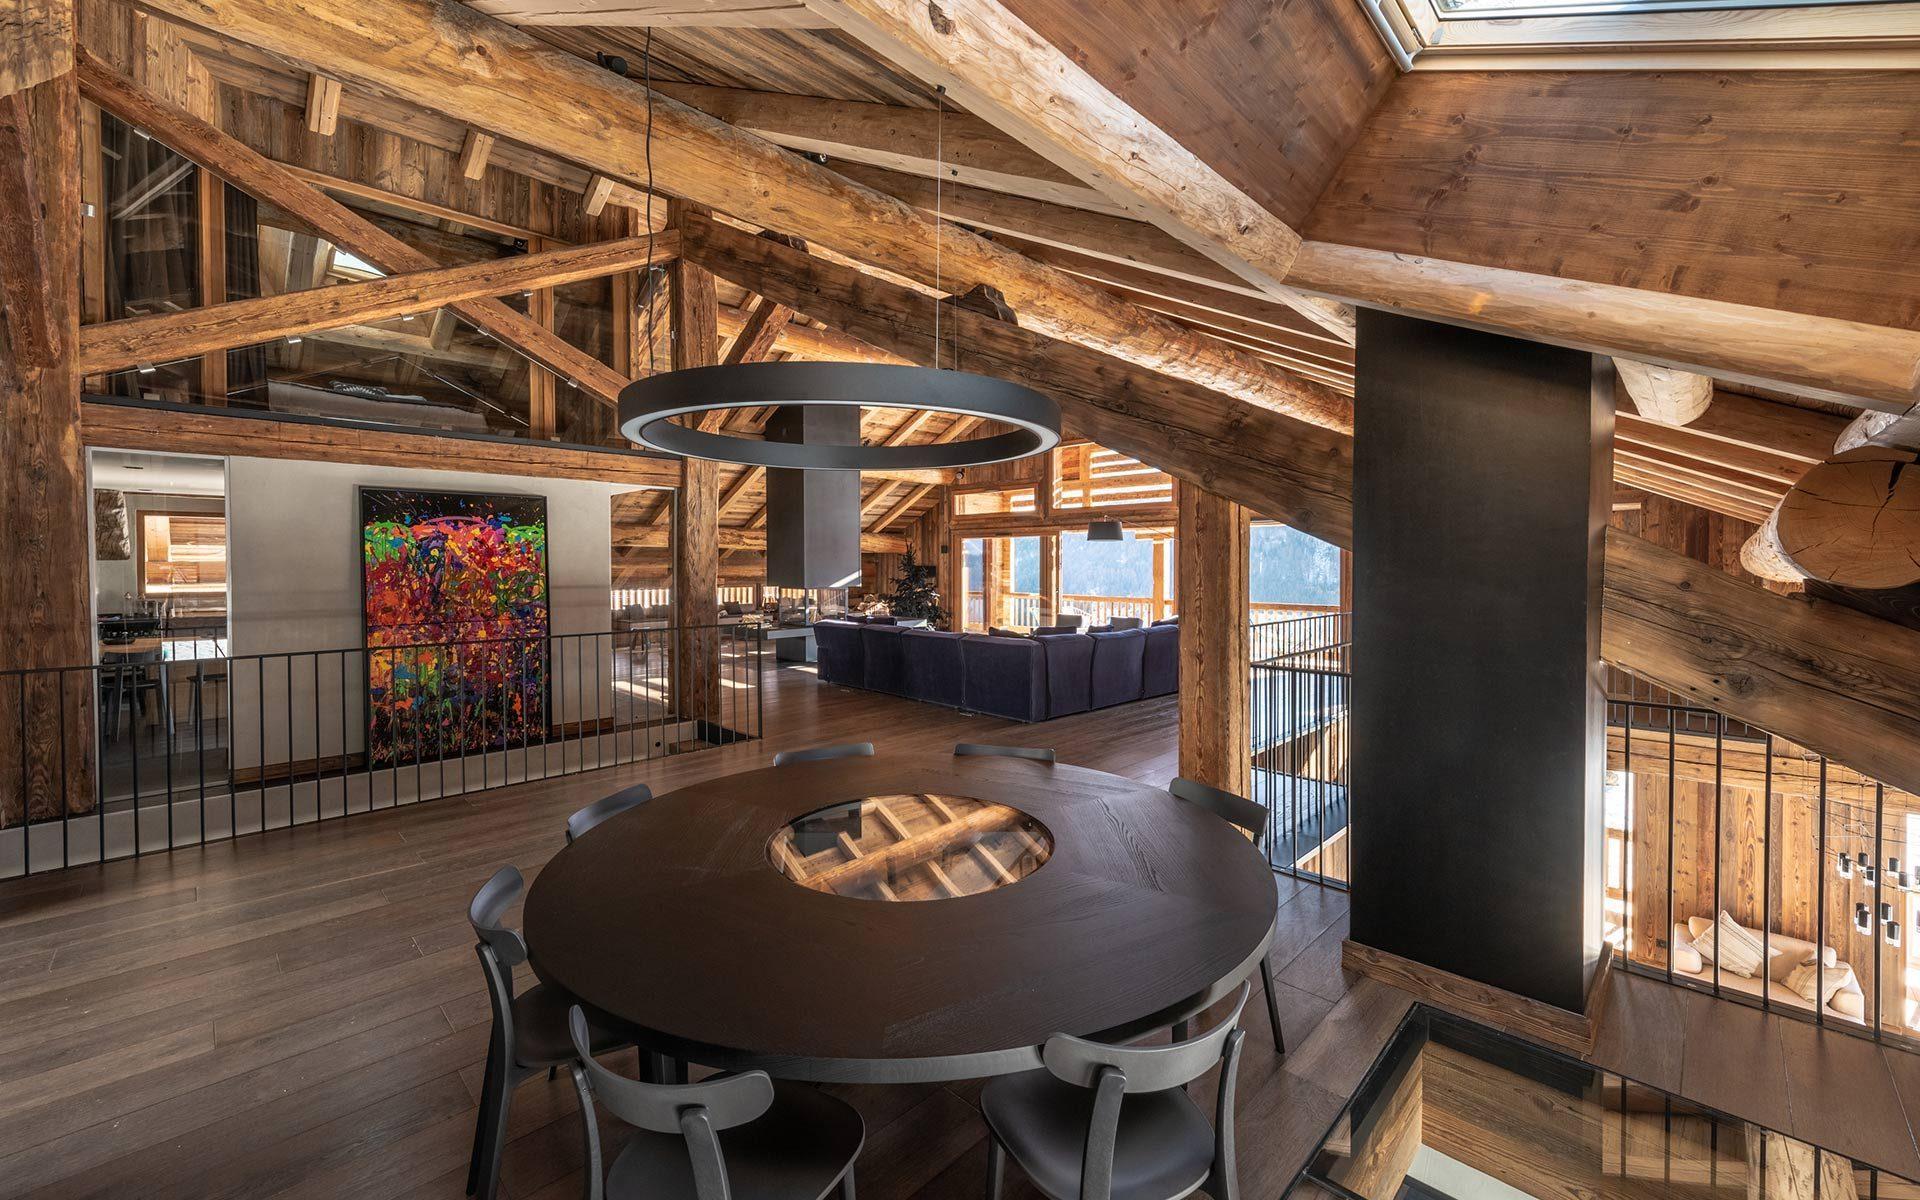 chalet-luxe-lodge-les-murailles-manigold-alpes-incentive-ski-salon-2-seminaires-de-caractere